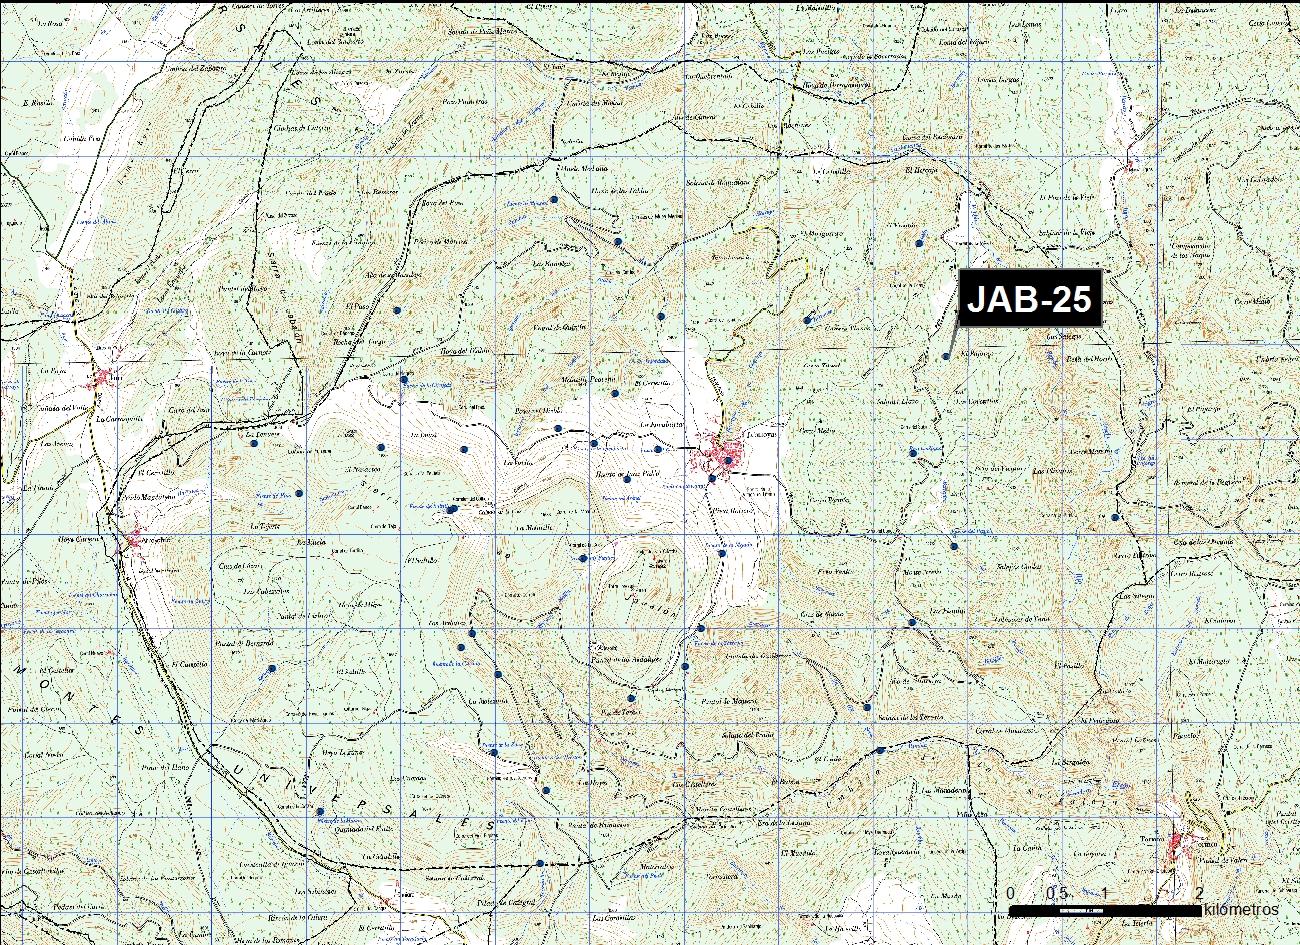 JAB_25_M.V.LOZANO_YERGO_MAP.TOPO 1